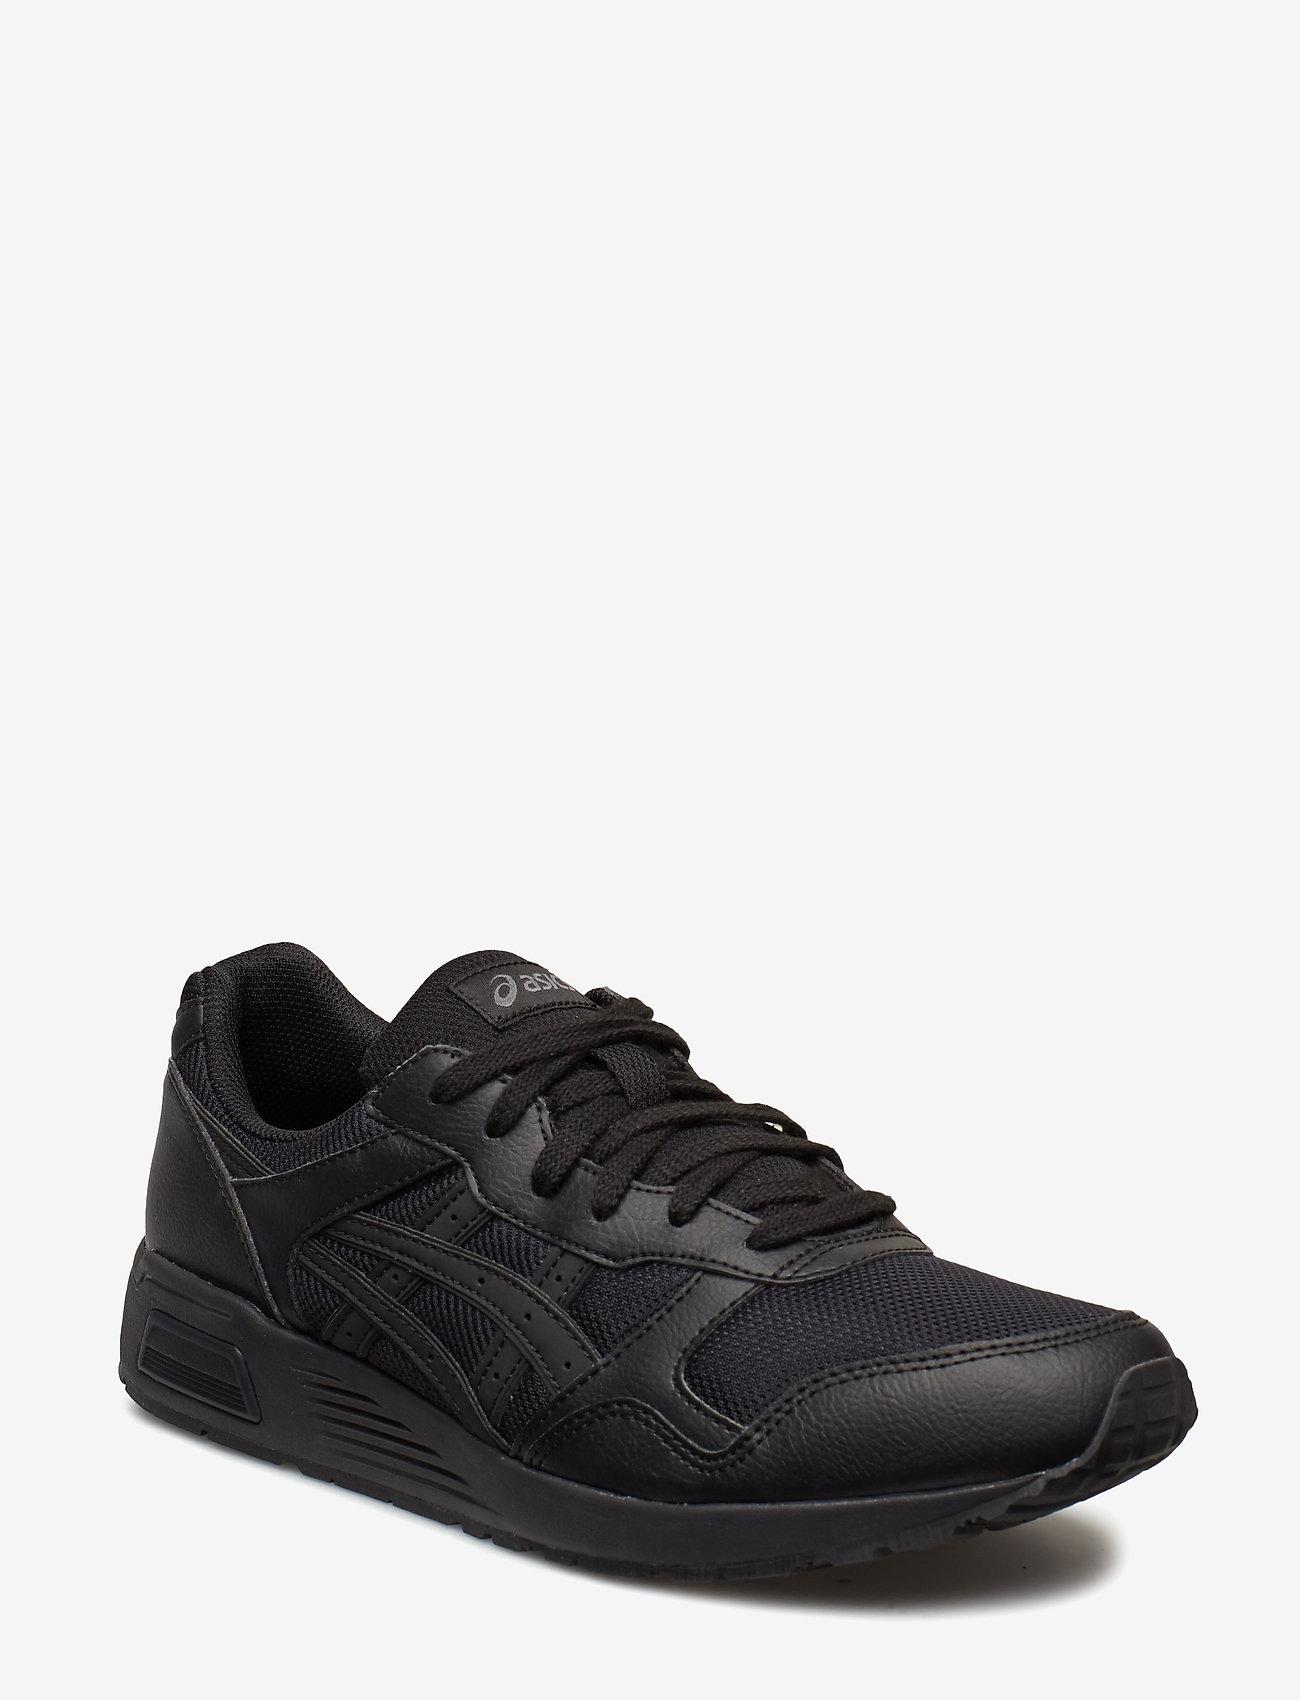 Lyte-trainer (Black/black) (51